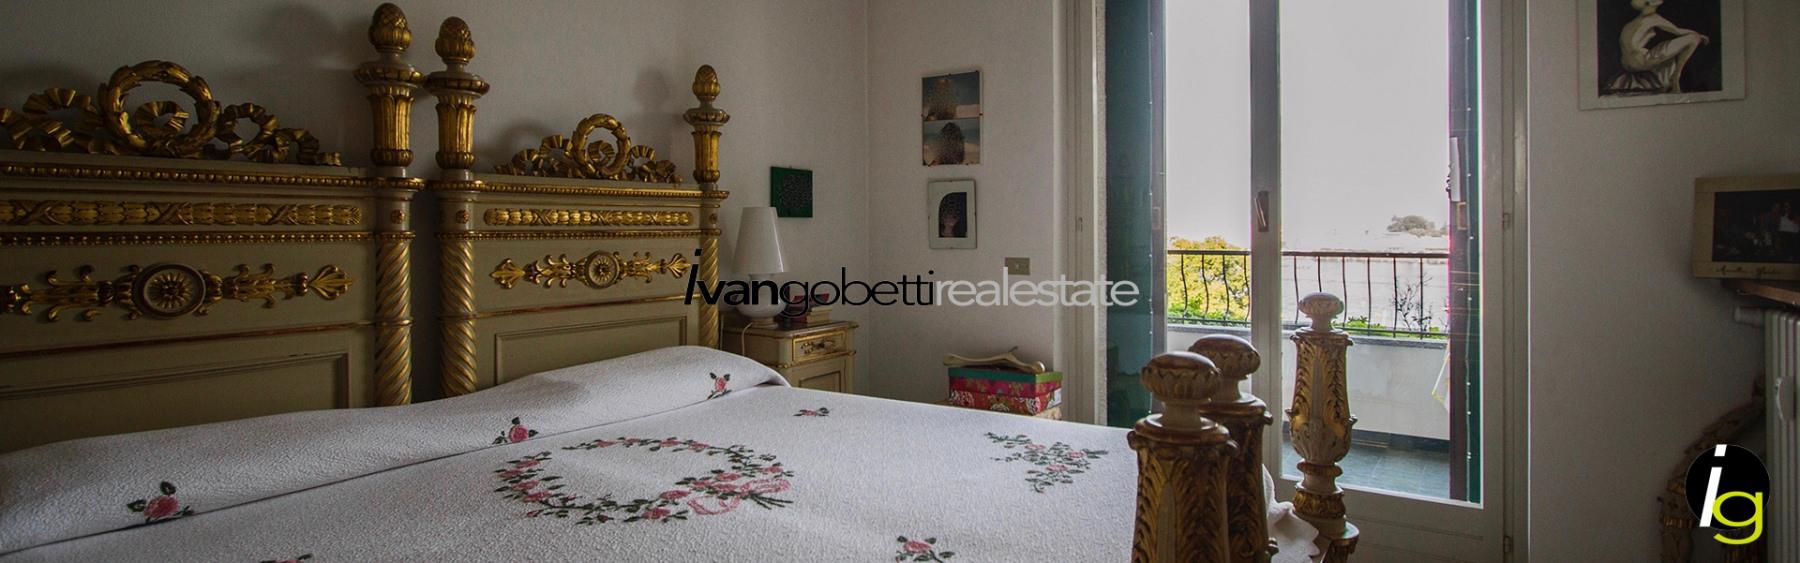 Maggiore See, Wohnung zu verkaufen